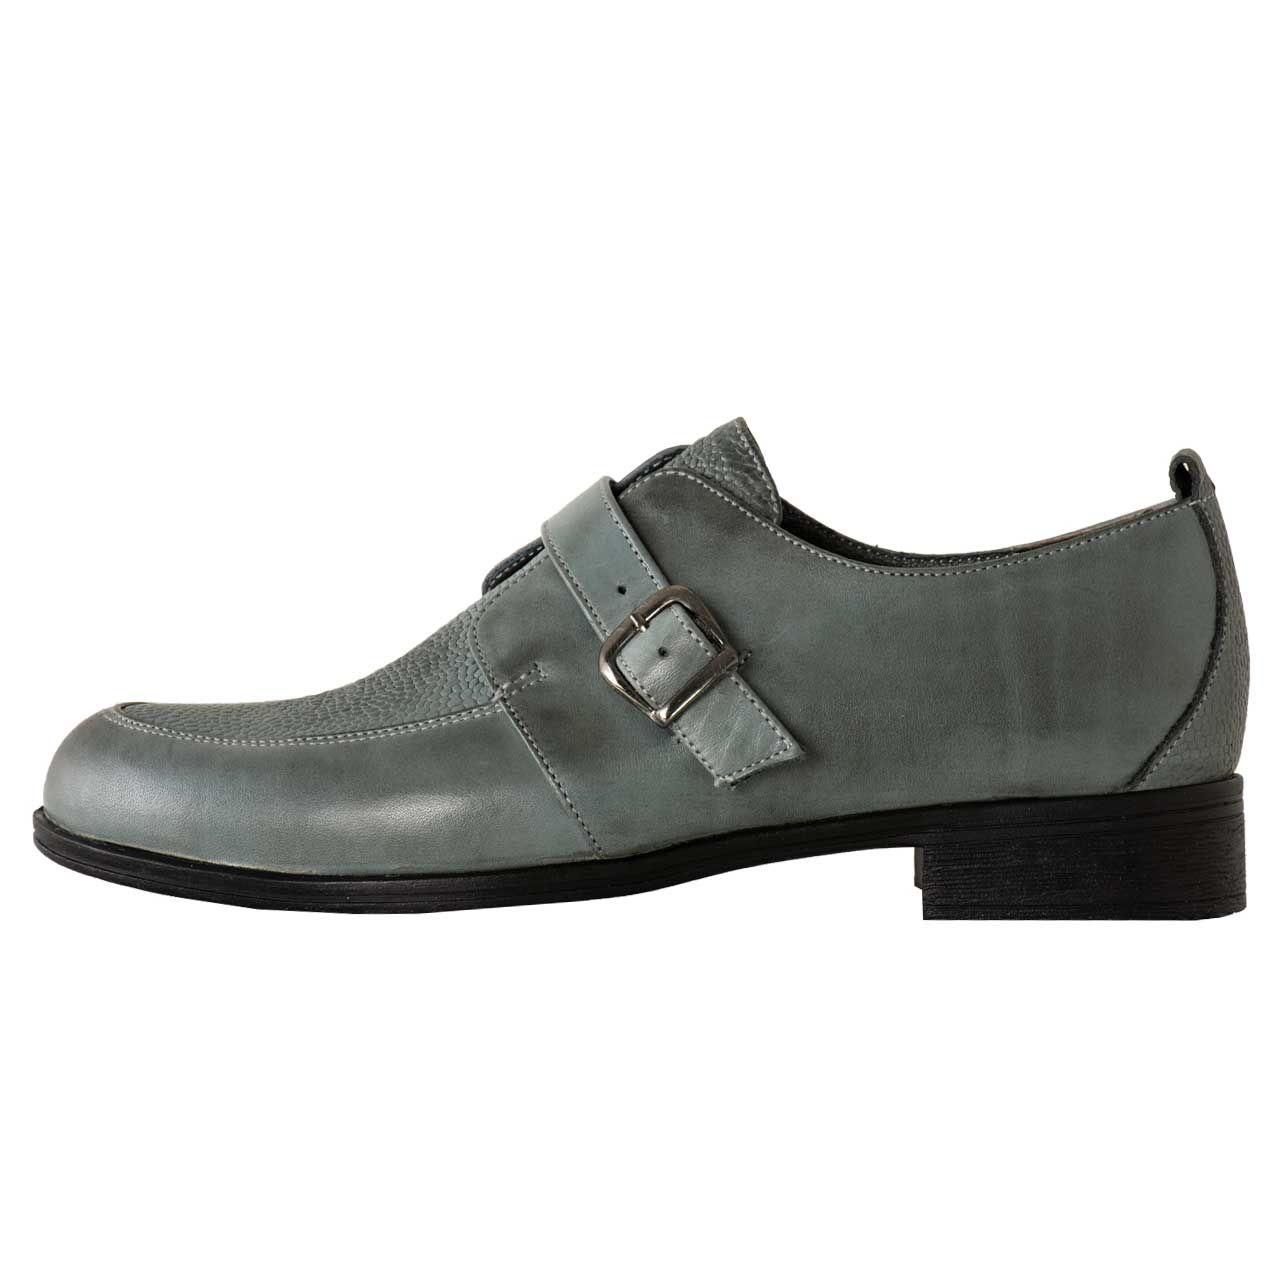 کفش زنانه پارینه چرم مدل show65-3